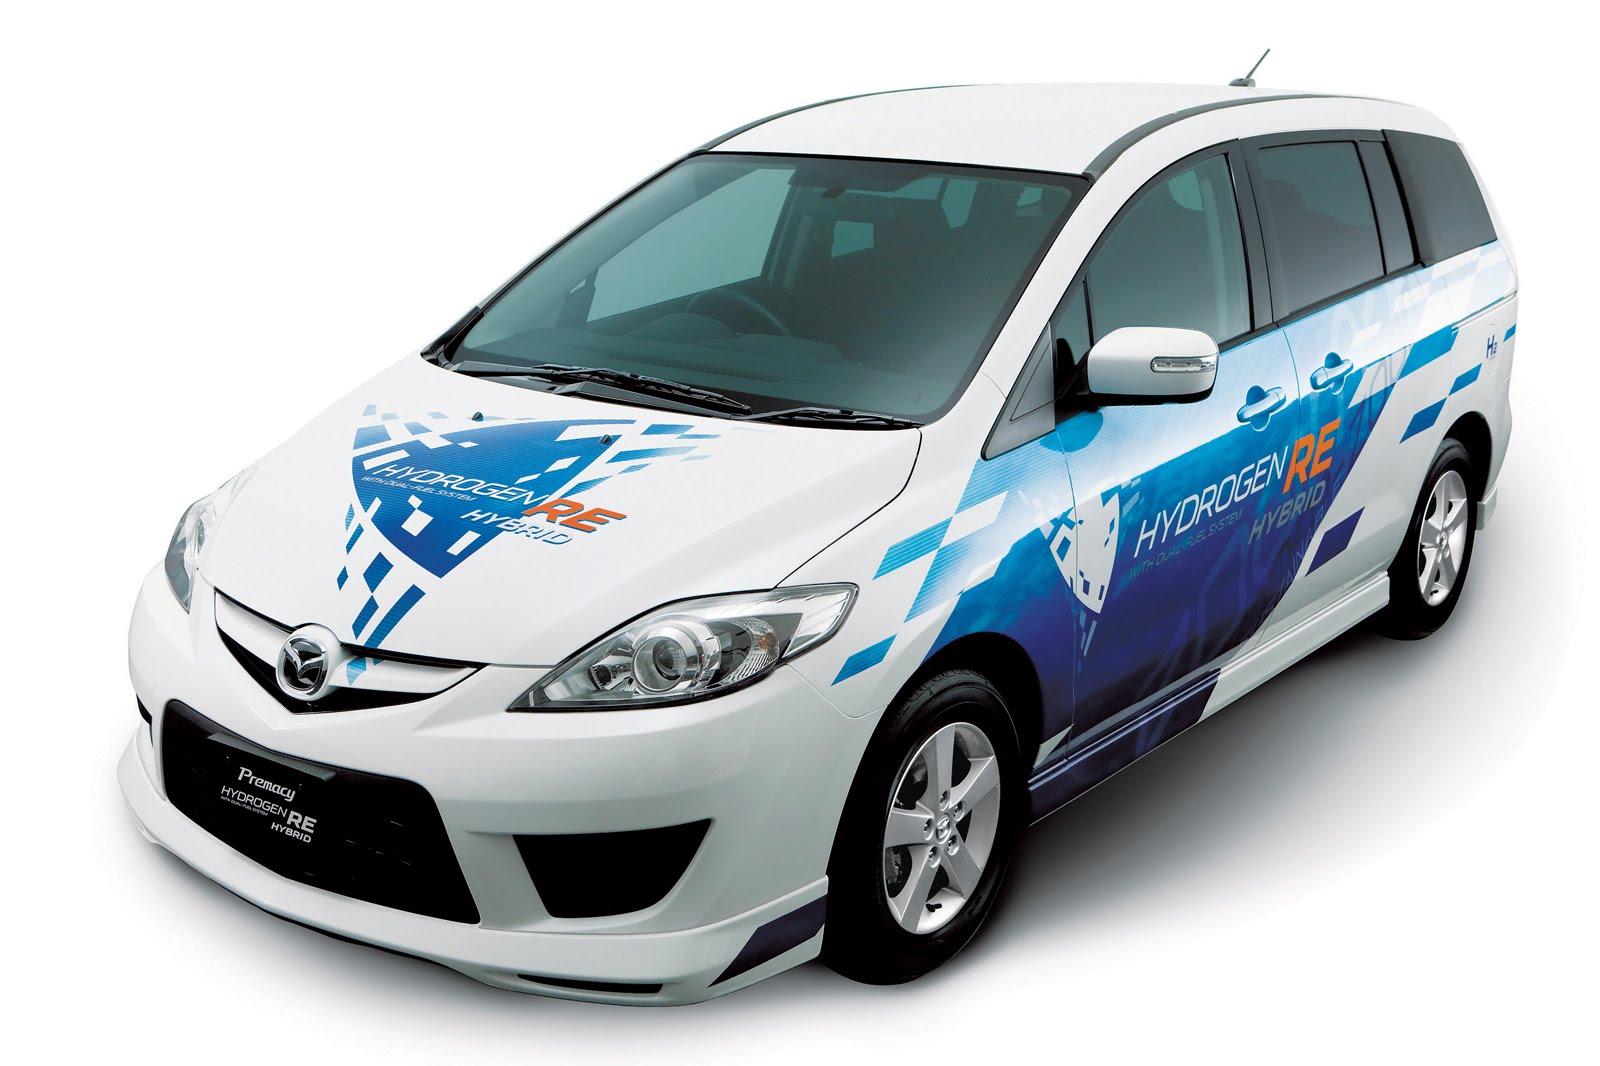 Kekurangan Mazda Premacy Tangguh